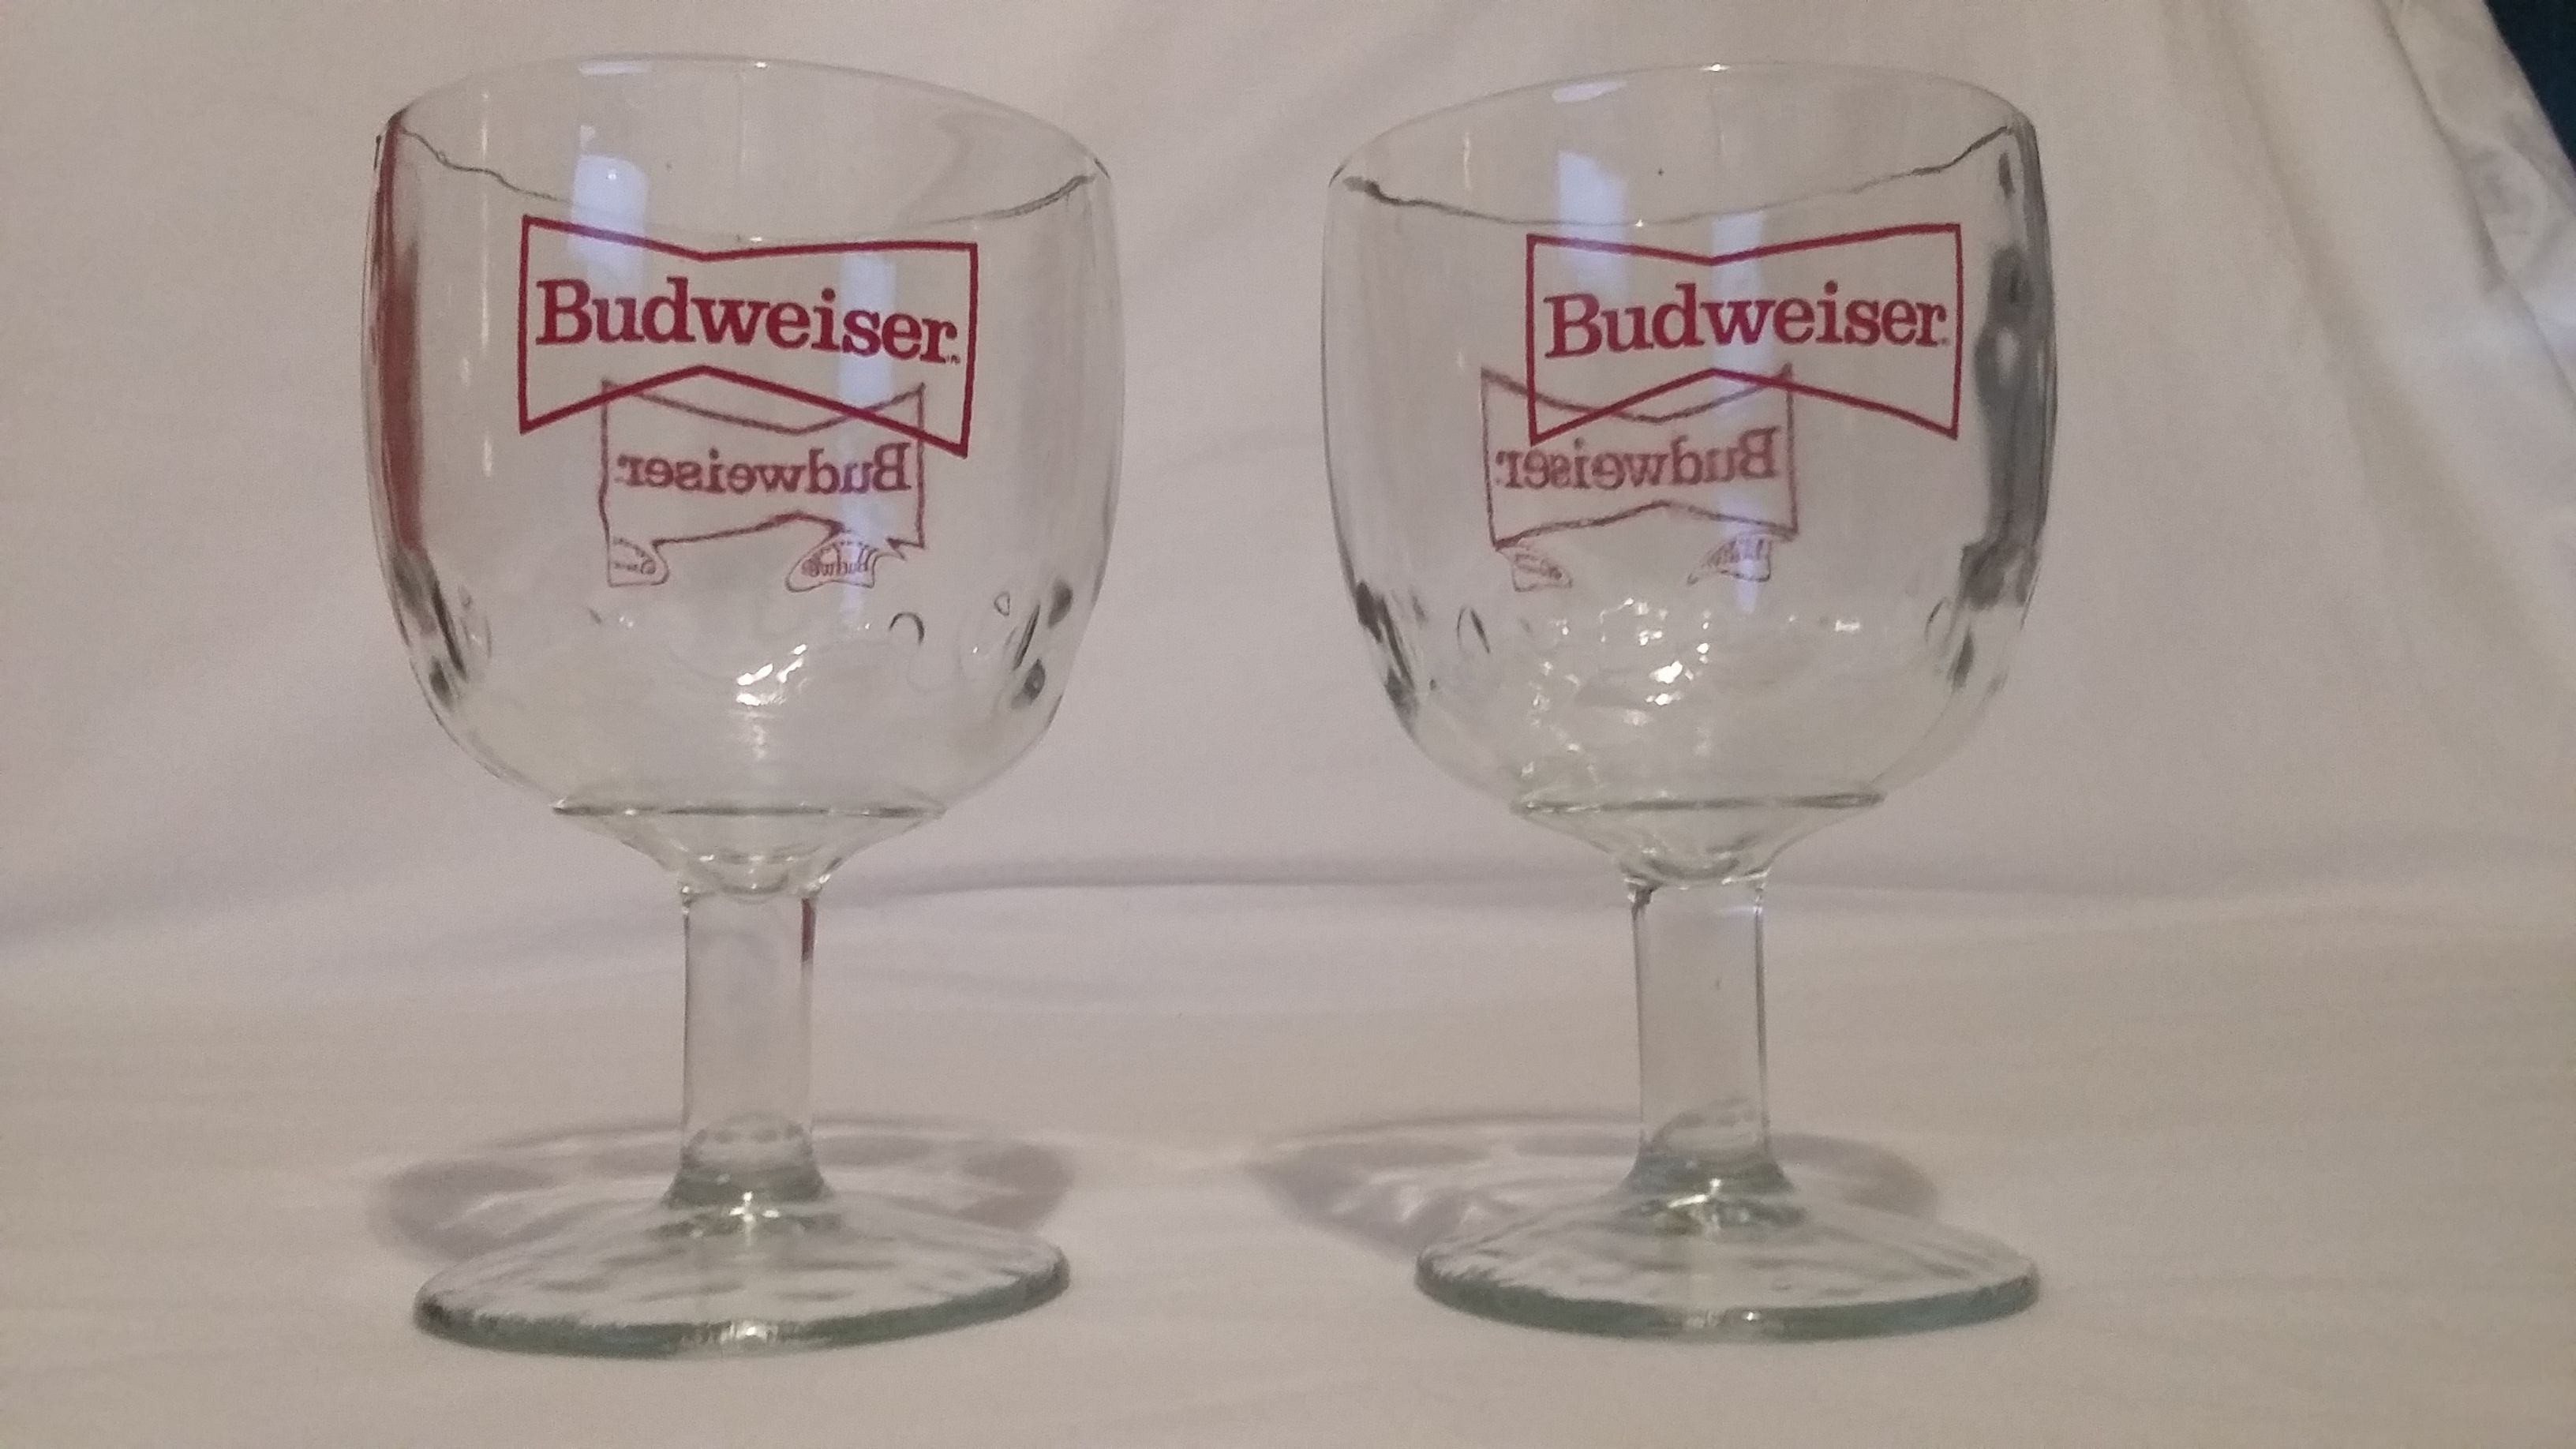 Budweiser Beer Glasses Budweiser Old School Budweiser retro Budweiser collectible Budweiser stuff